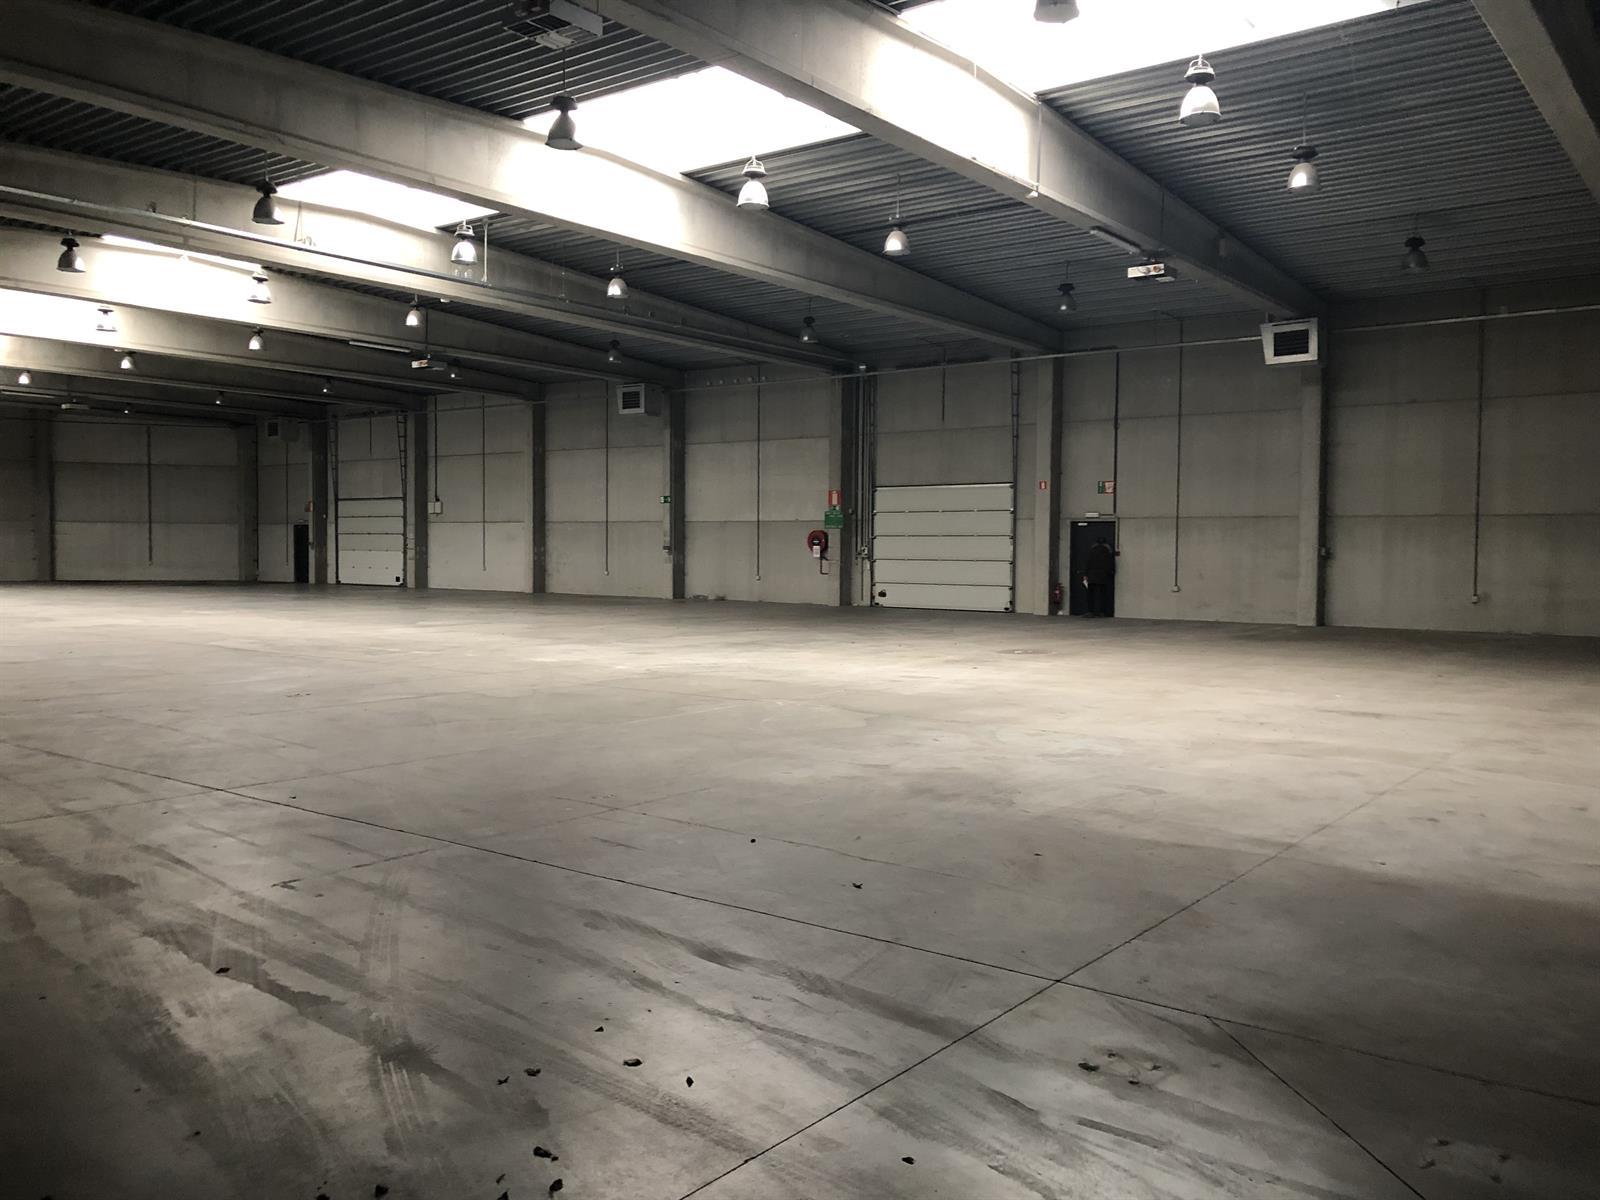 opslagplaats te huur I104 - Moerelei 125, 2610 Antwerpen Wilrijk, België 4